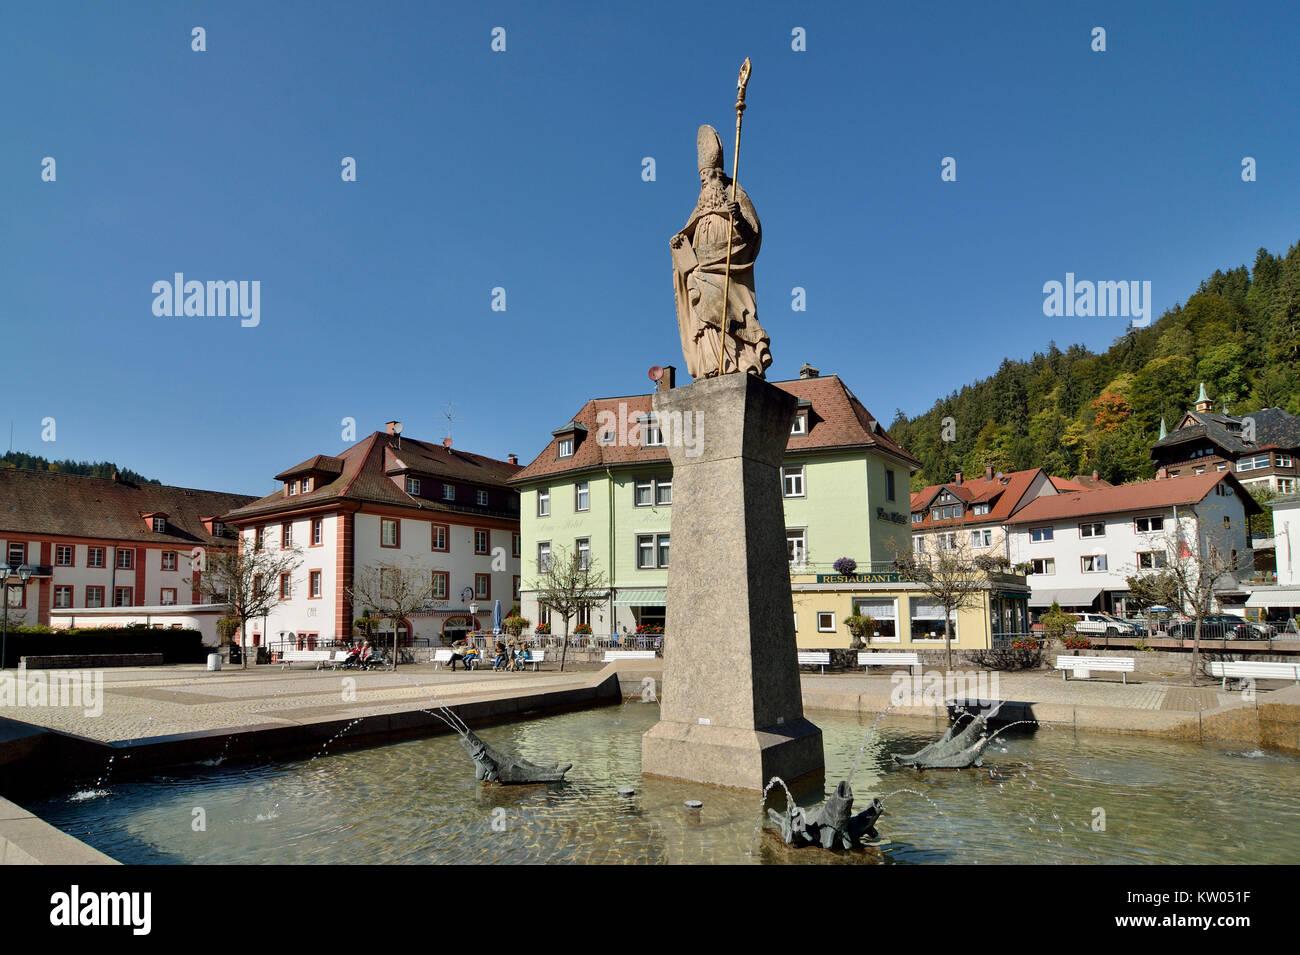 Saint Blasien, health resort Saint Blasien, Blasiusbrunnen on the cathedral place, Sankt Blasien, Kurort Sankt Blasien, - Stock Image